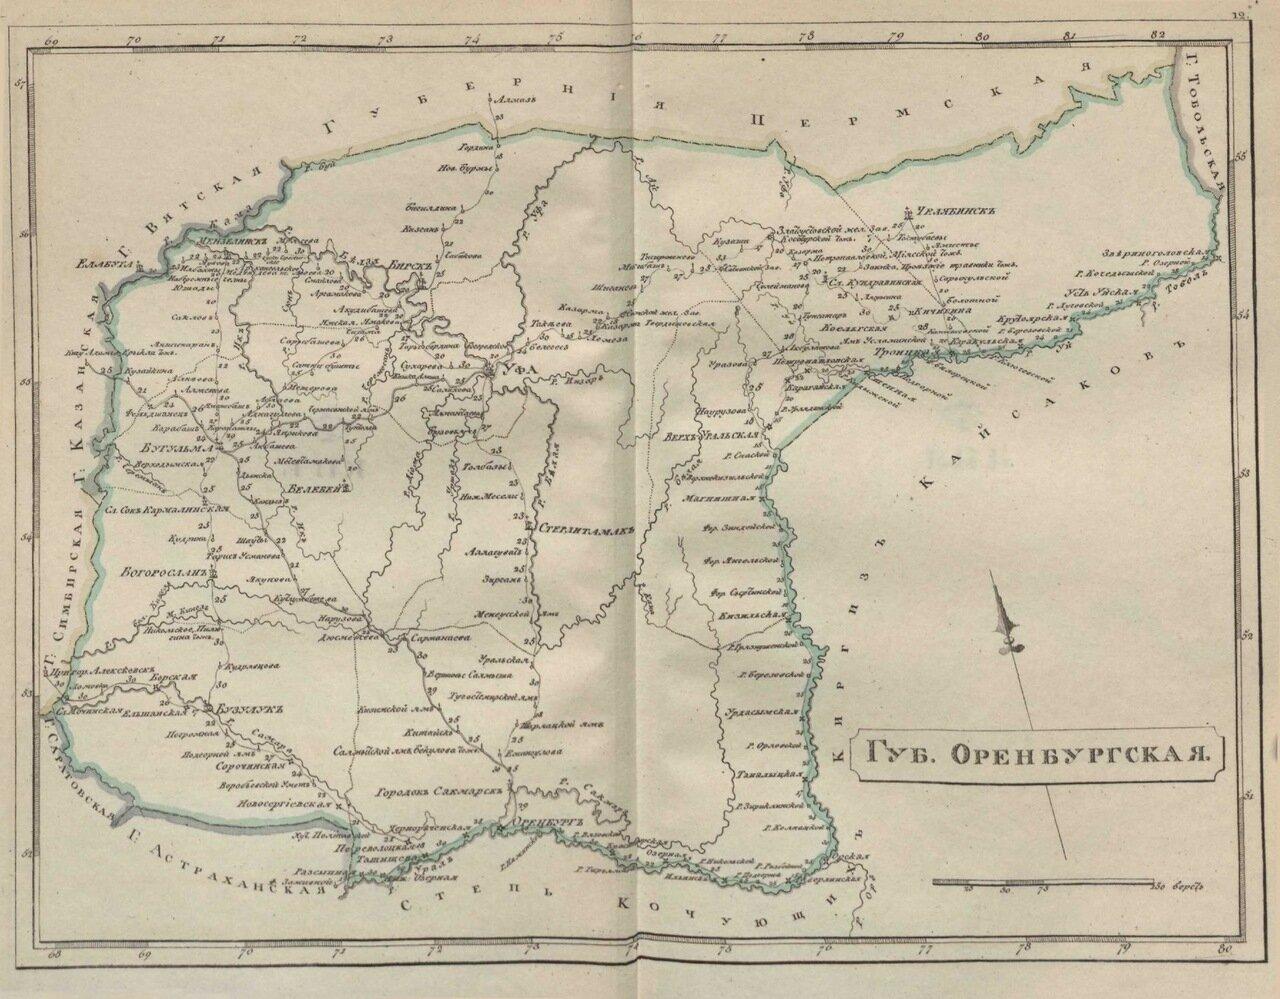 12.Оренбургская губерния